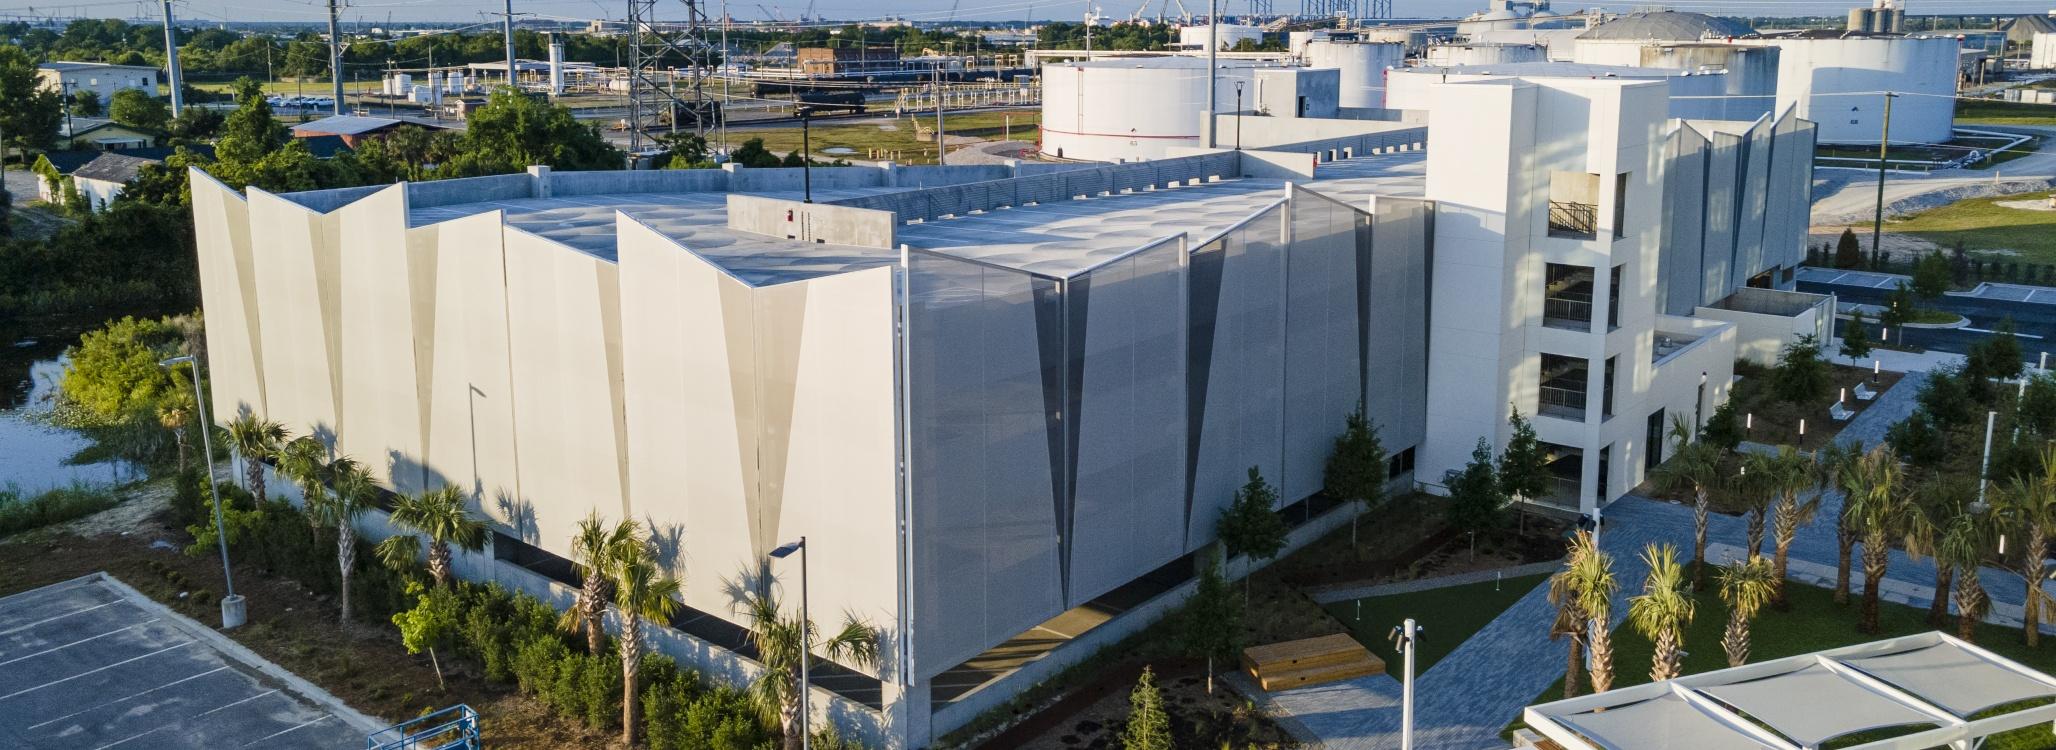 Big Span Structures Tensile Membrane Facade